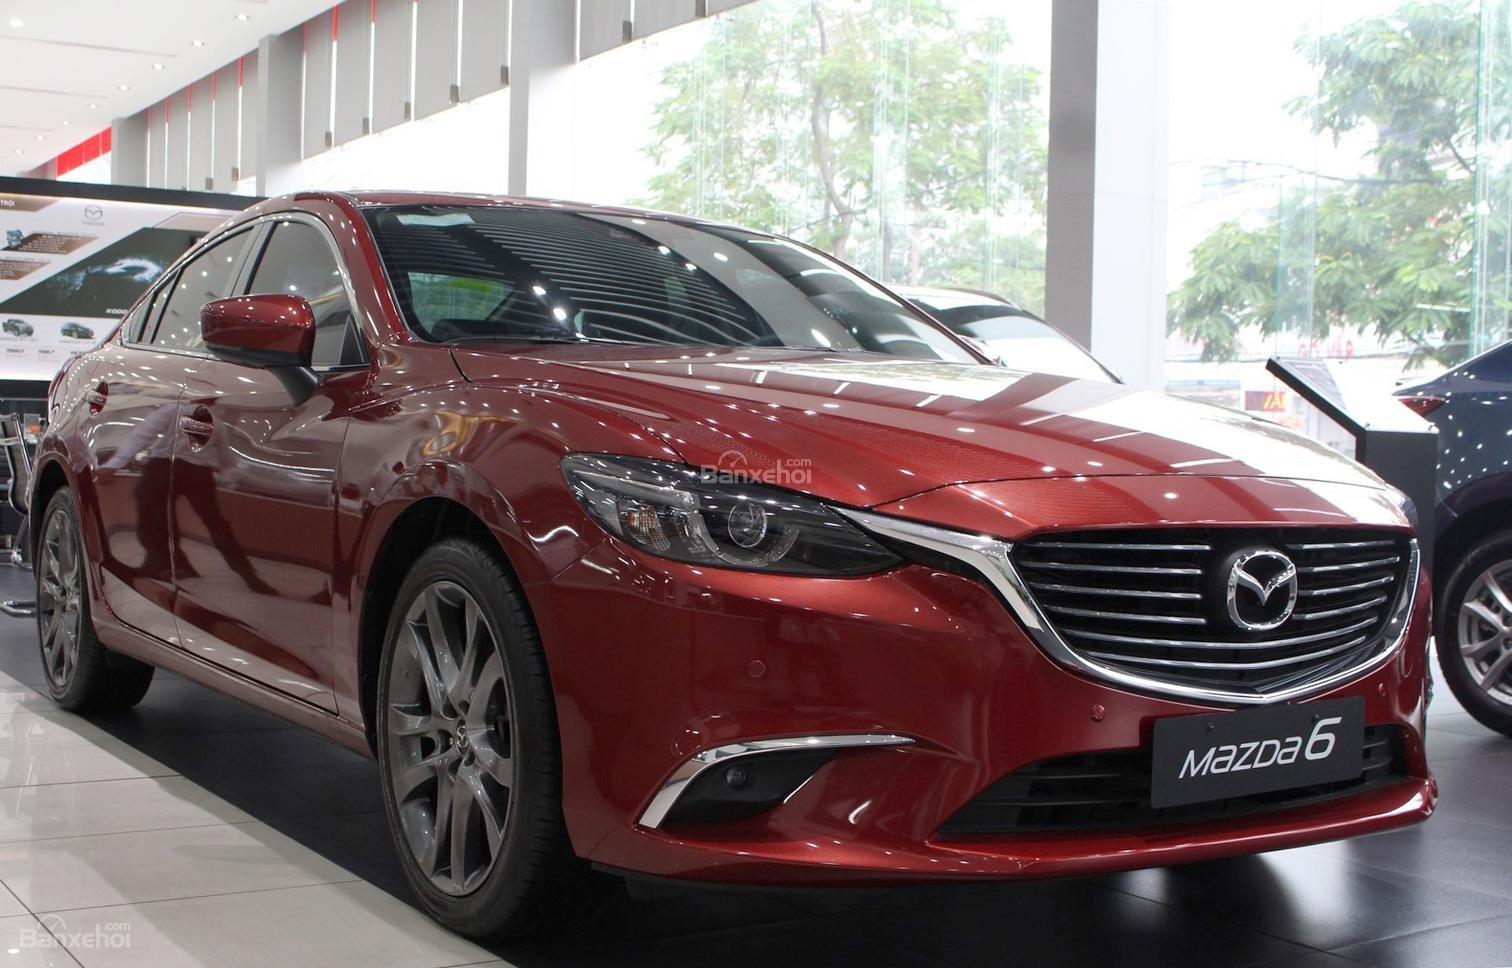 Bán Mazda 6 2.0 AT Premium 2019, xe có sẵn giảm giá cực sốc [Mazda Bình Triệu] (5)